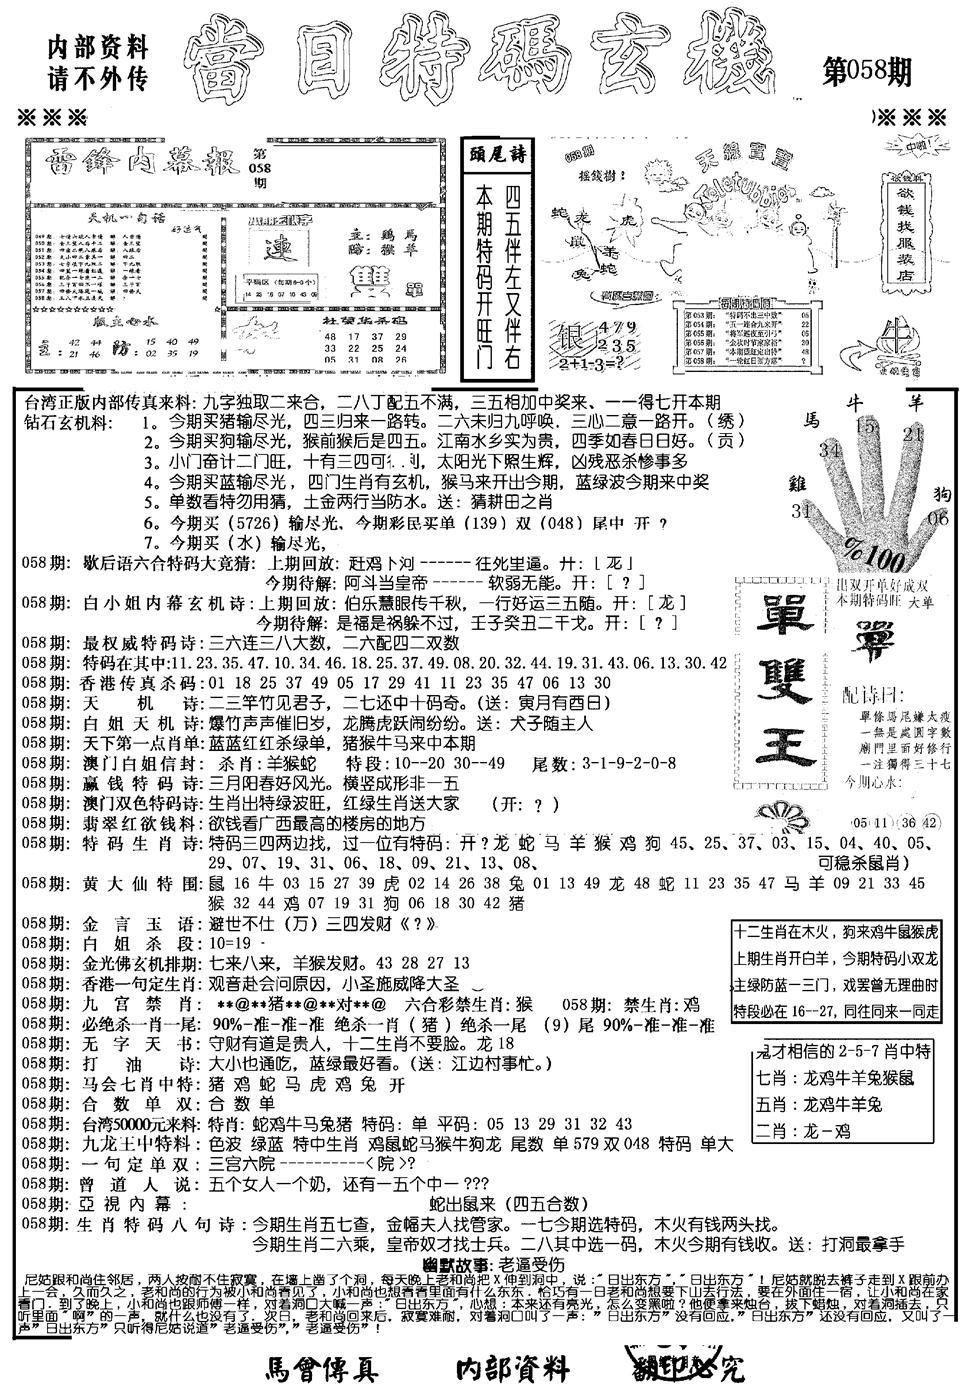 058期当日特码玄机A(新)(黑白)